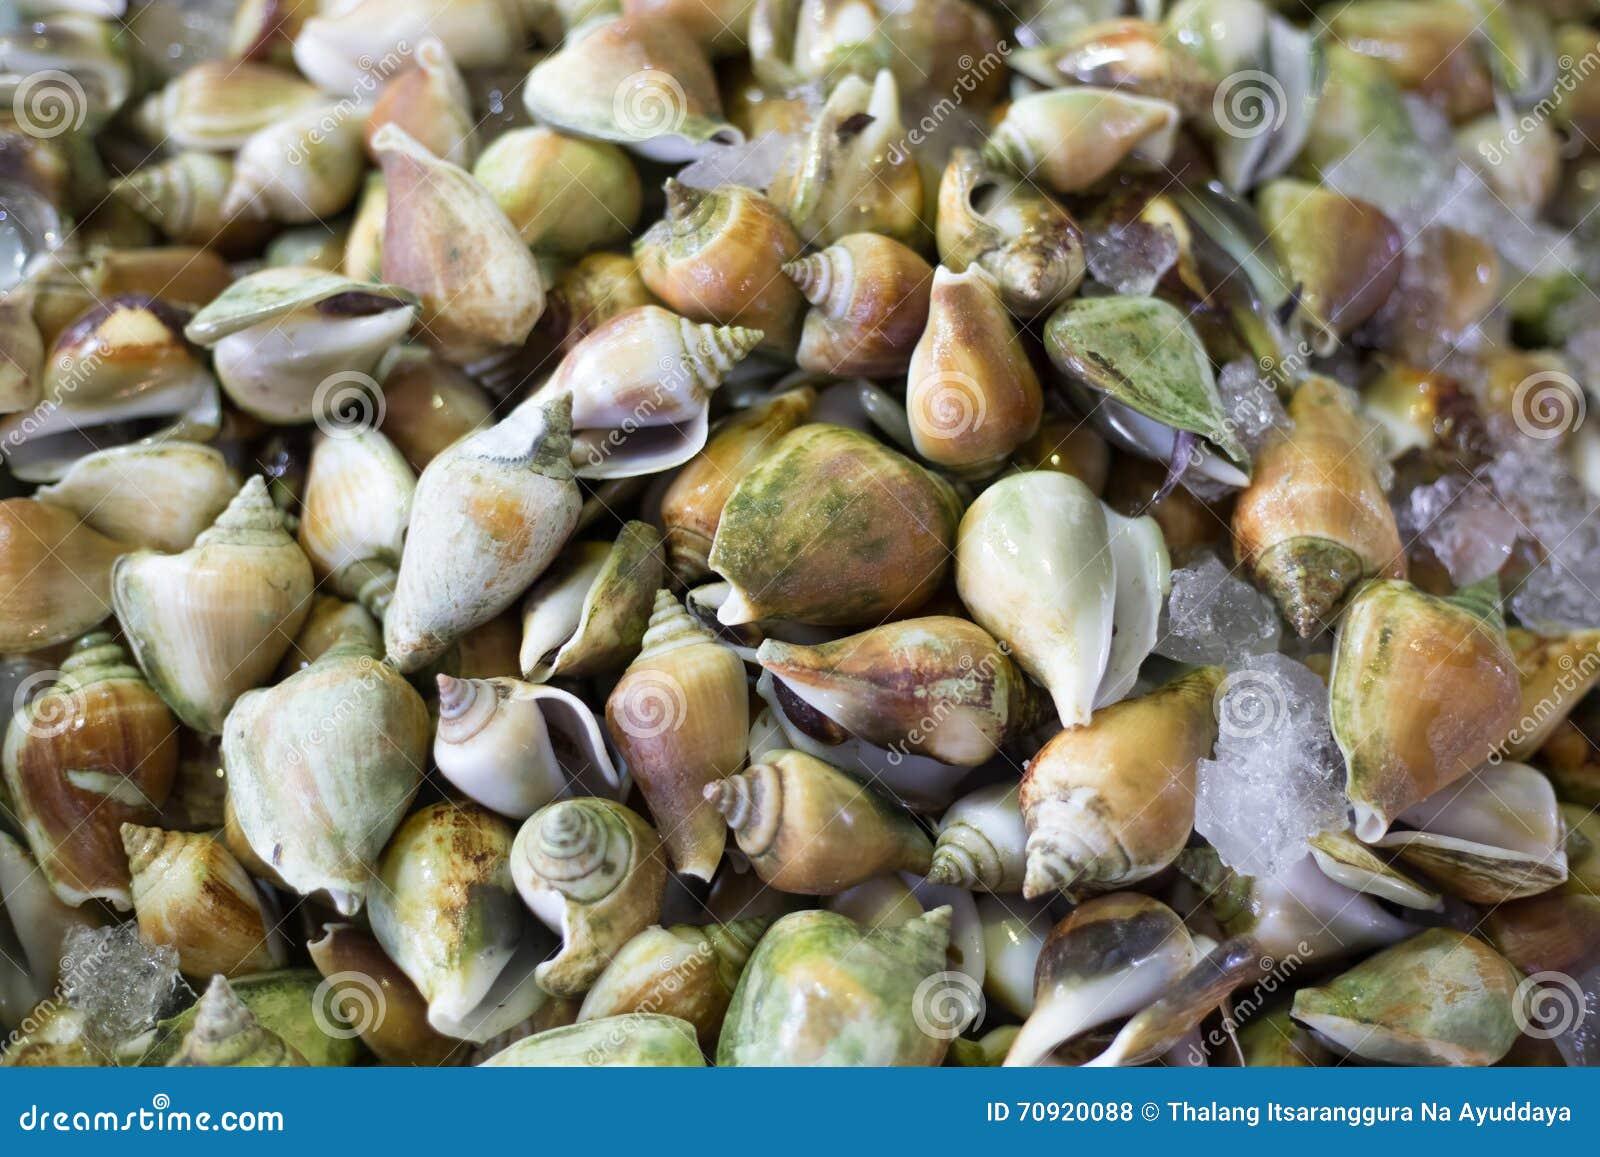 Свежие морепродукты моллюска Clams новый рынок